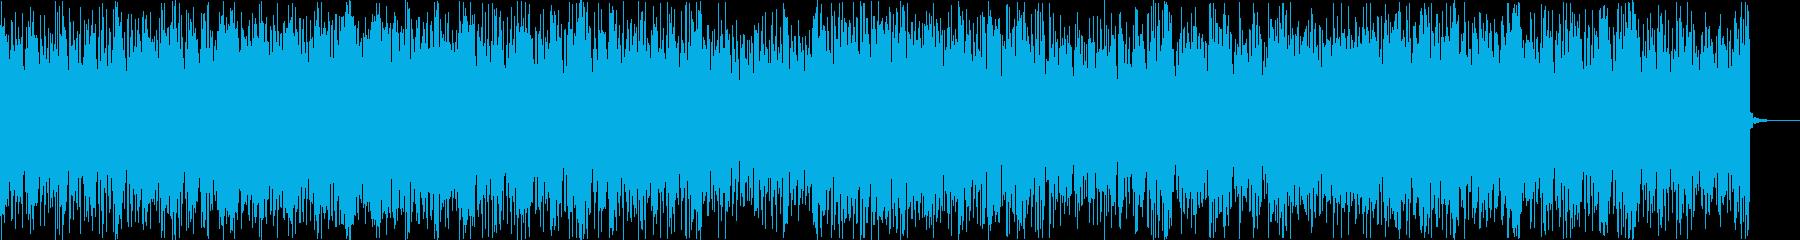 ポップでクールで都会的なテクノポップの再生済みの波形